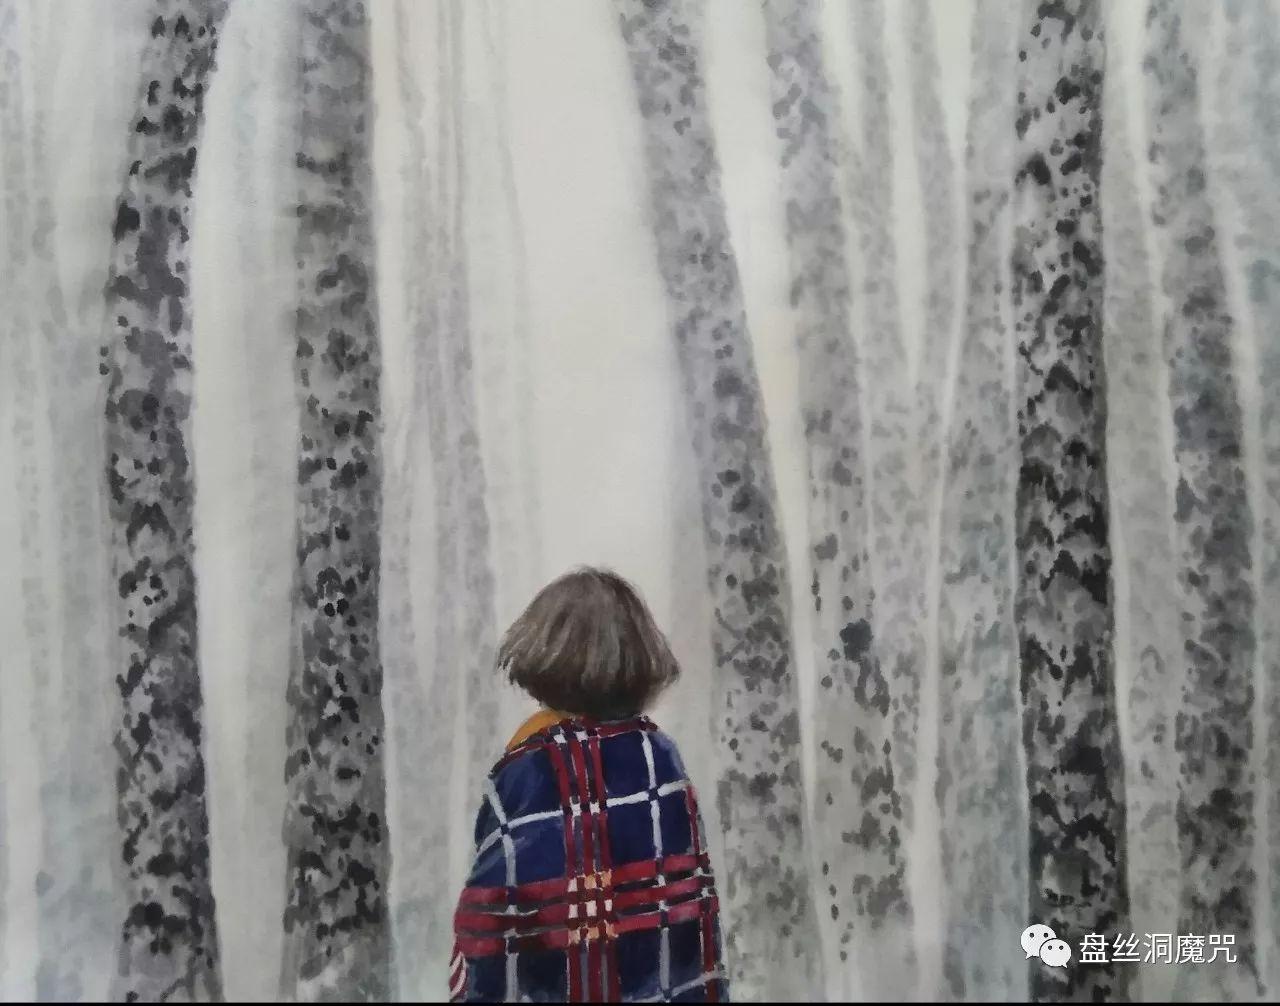 包金山水彩作品欣赏 第7张 包金山水彩作品欣赏 蒙古画廊